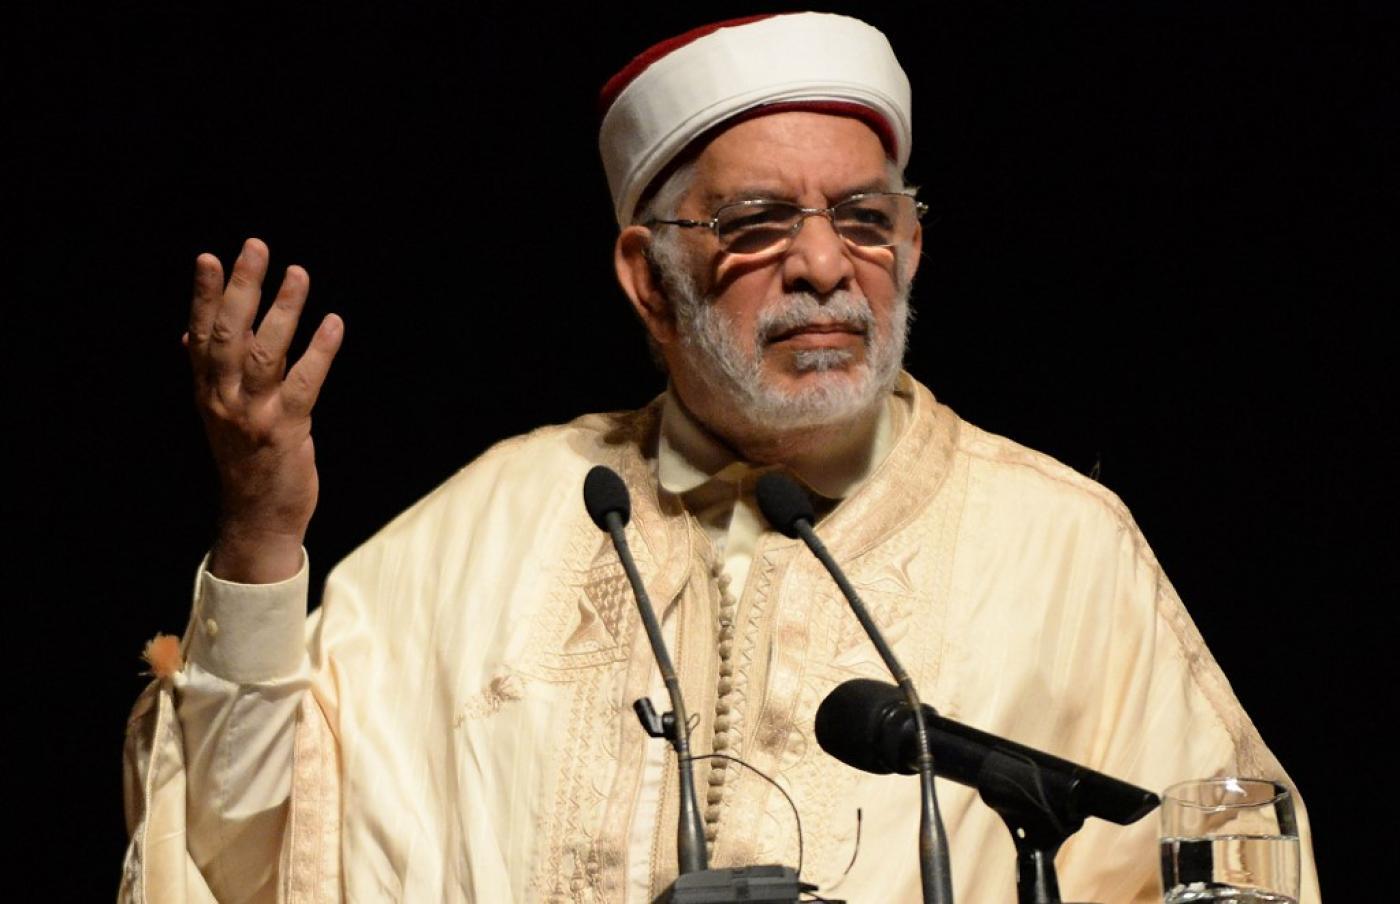 Tunisia's Ennahda nominates Abdelfattah Mourou for presidential elections